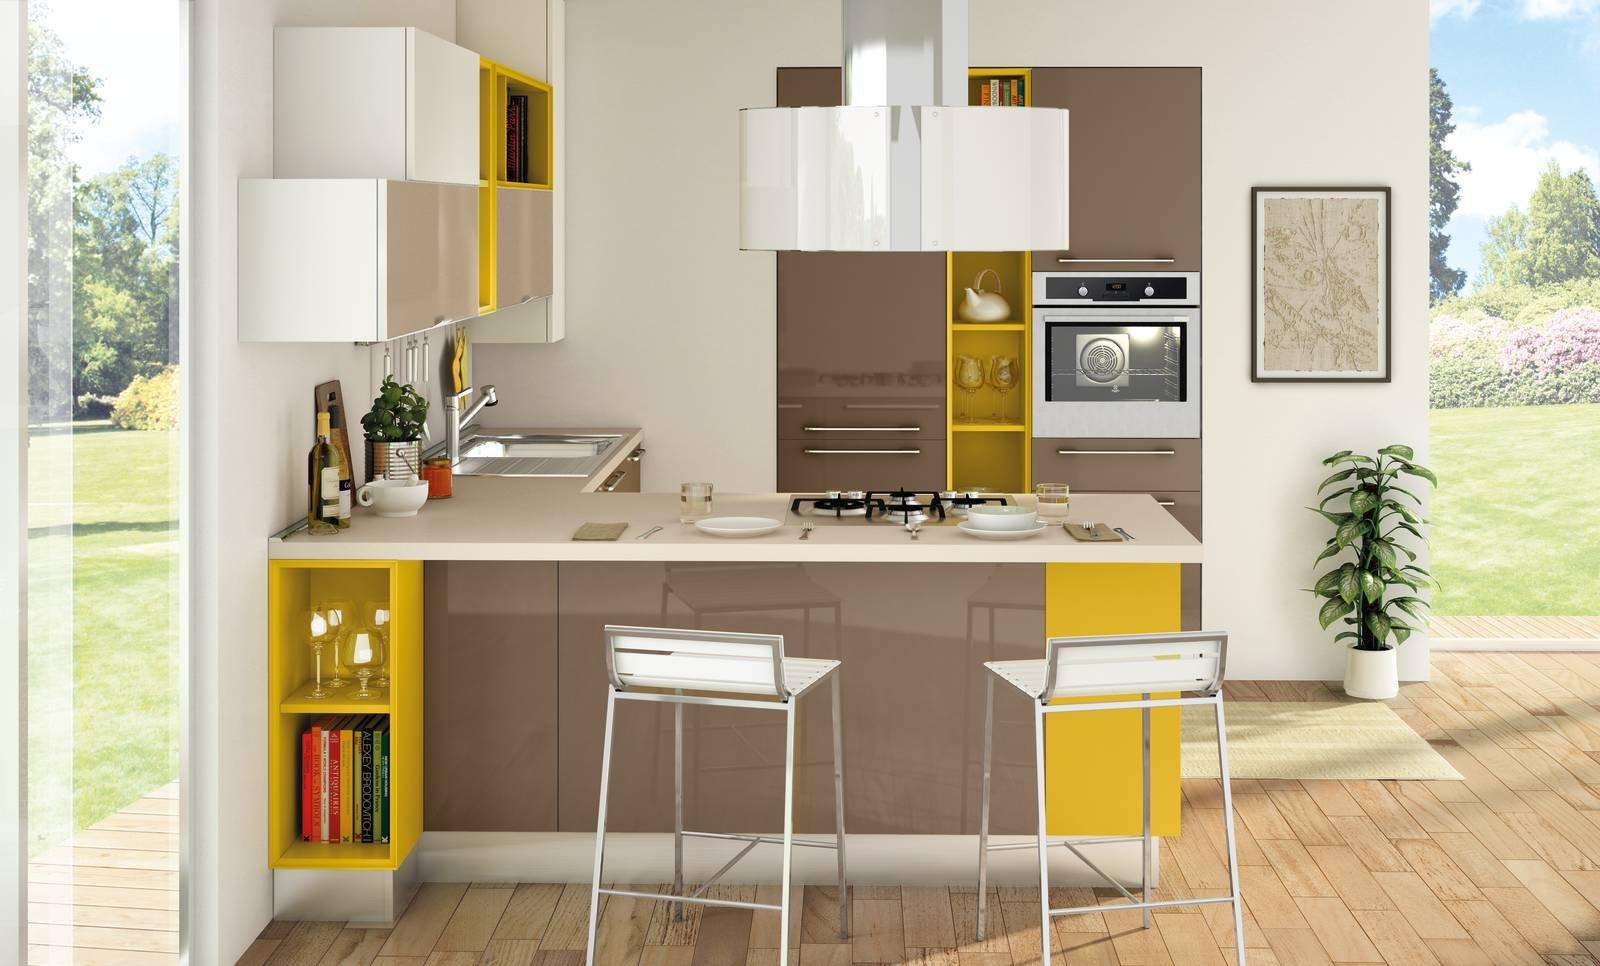 Come allestire una cucina piccola, funzionale e di design ...